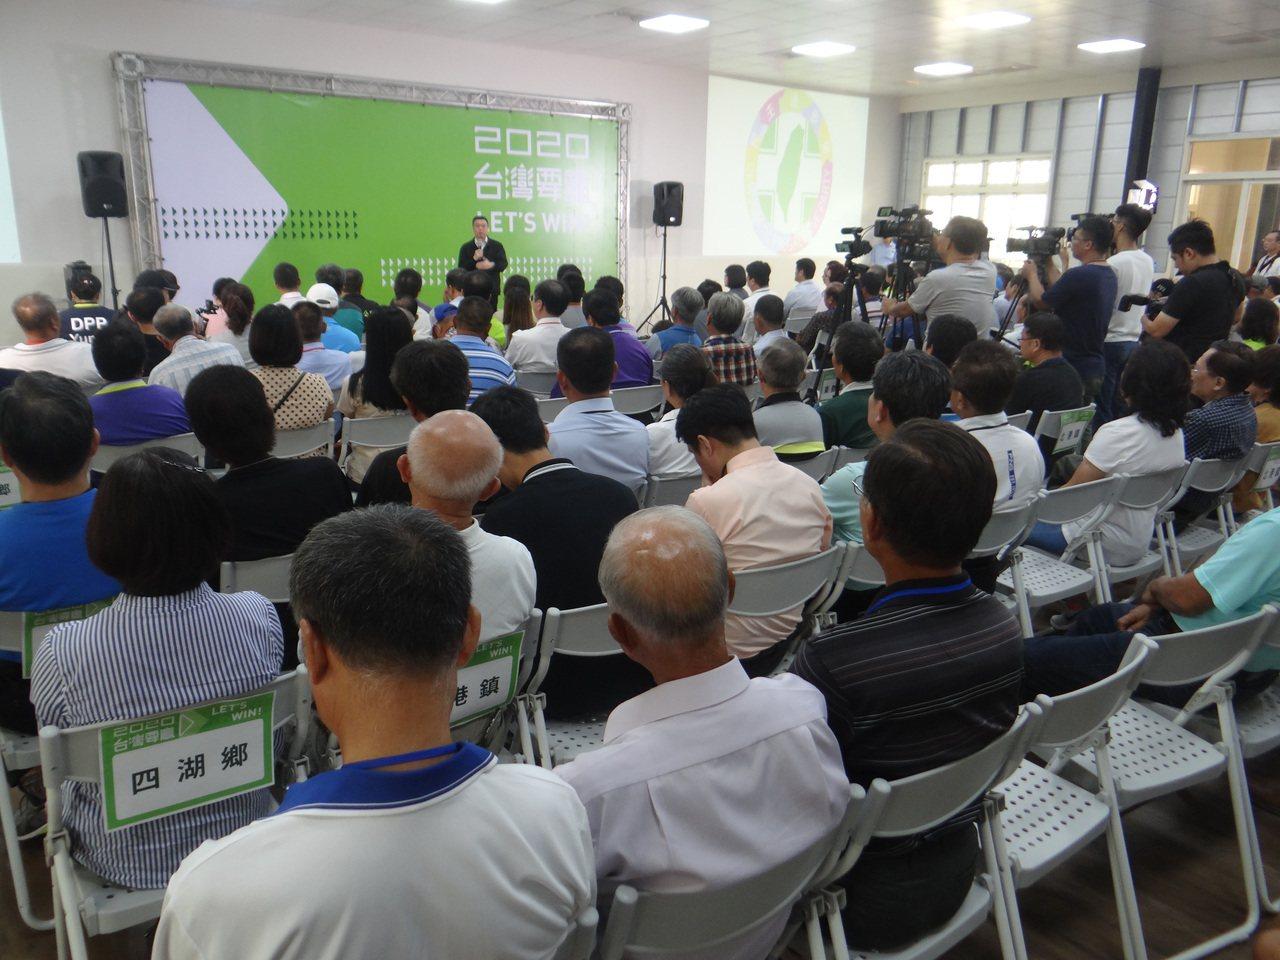 民進黨主席卓榮泰今天下午到雲林和輔選幹部座談,針對雲林海線立委換將問題交換意見。...